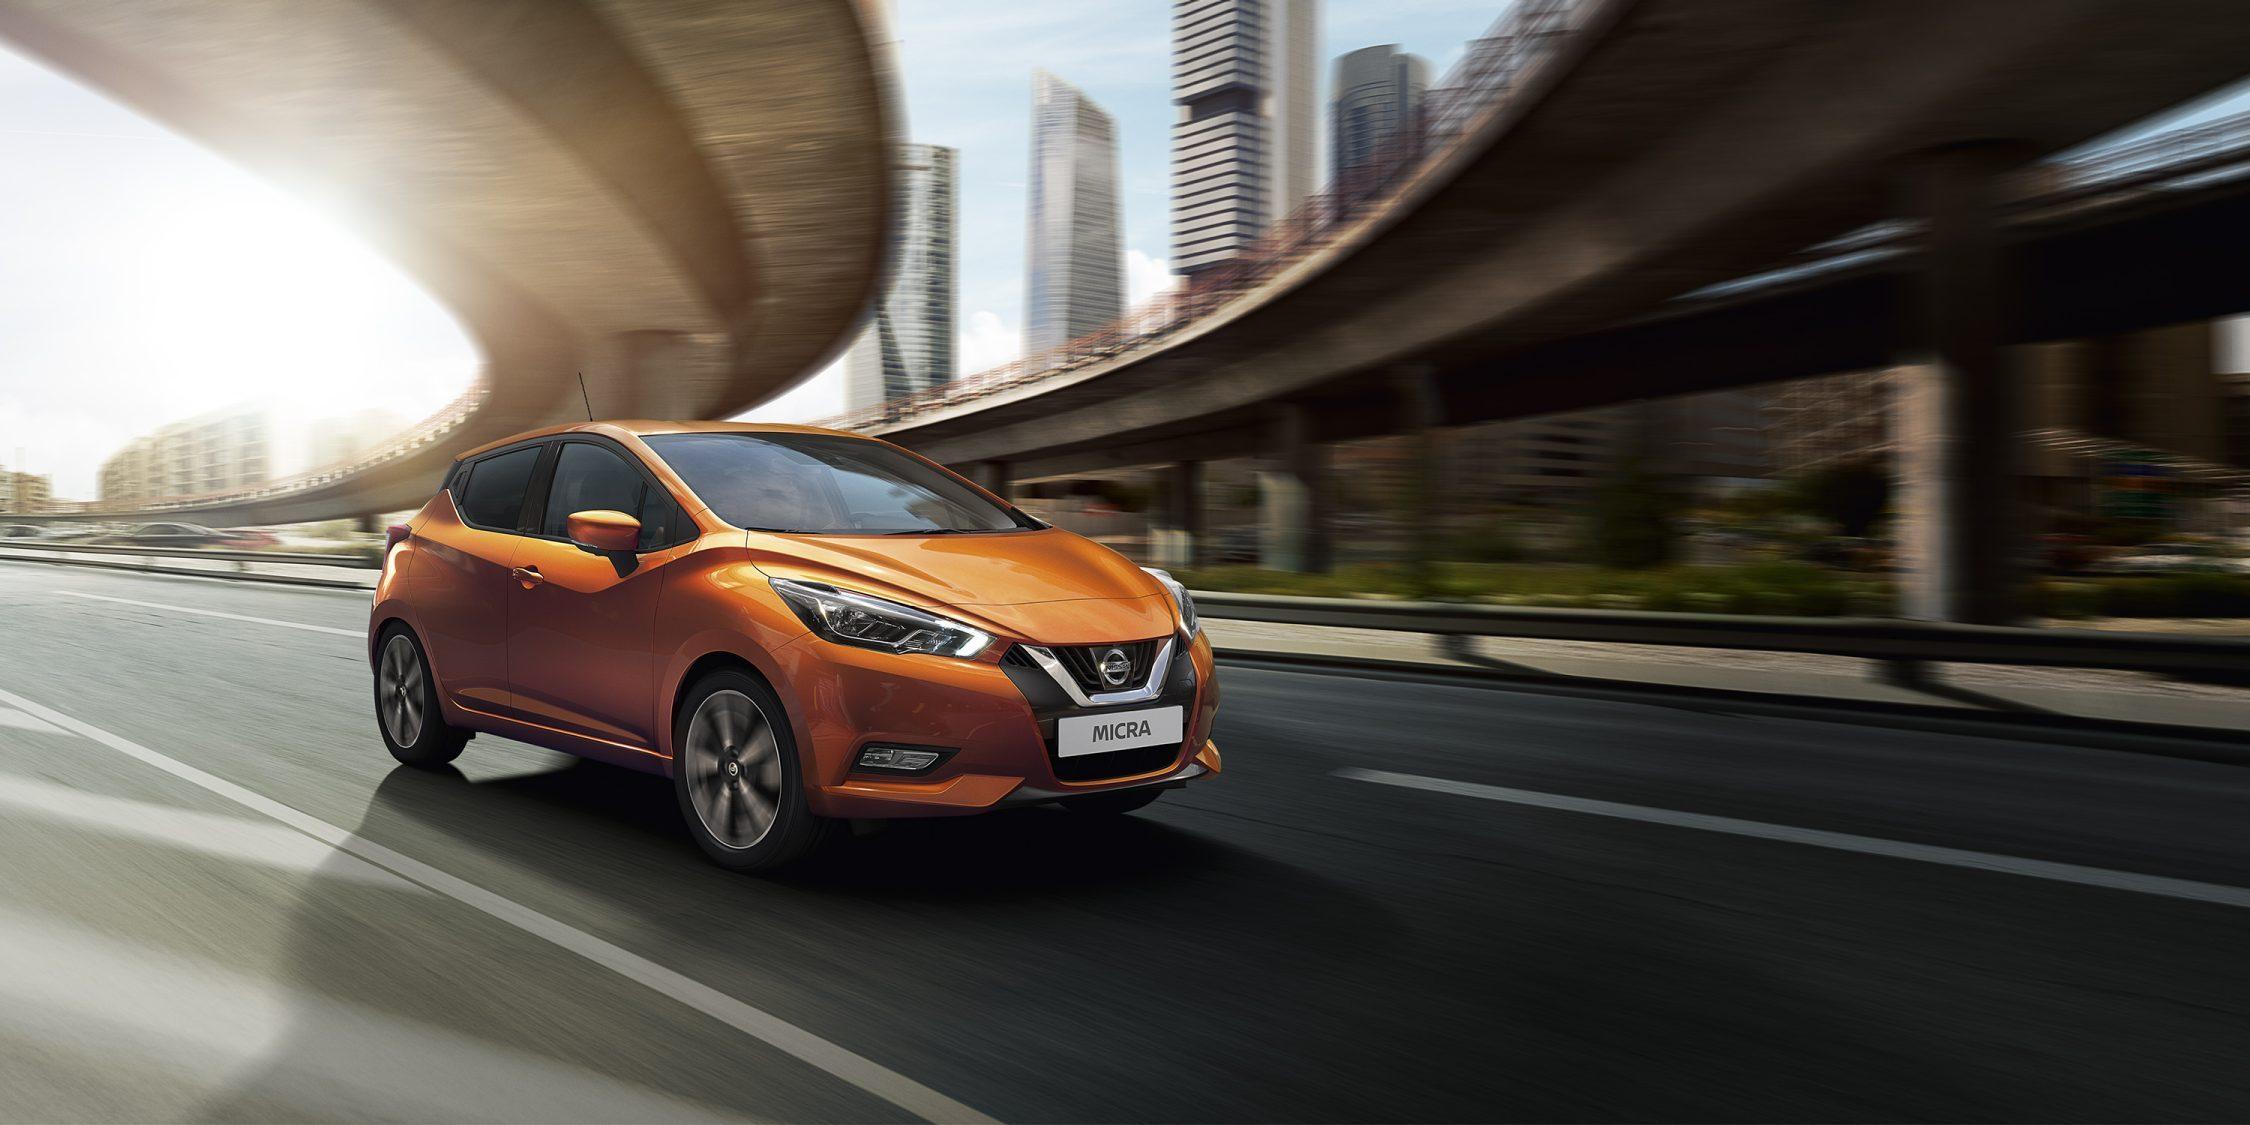 Nuova Nissan Micra: prenota la prova su strada da Renord a Milano